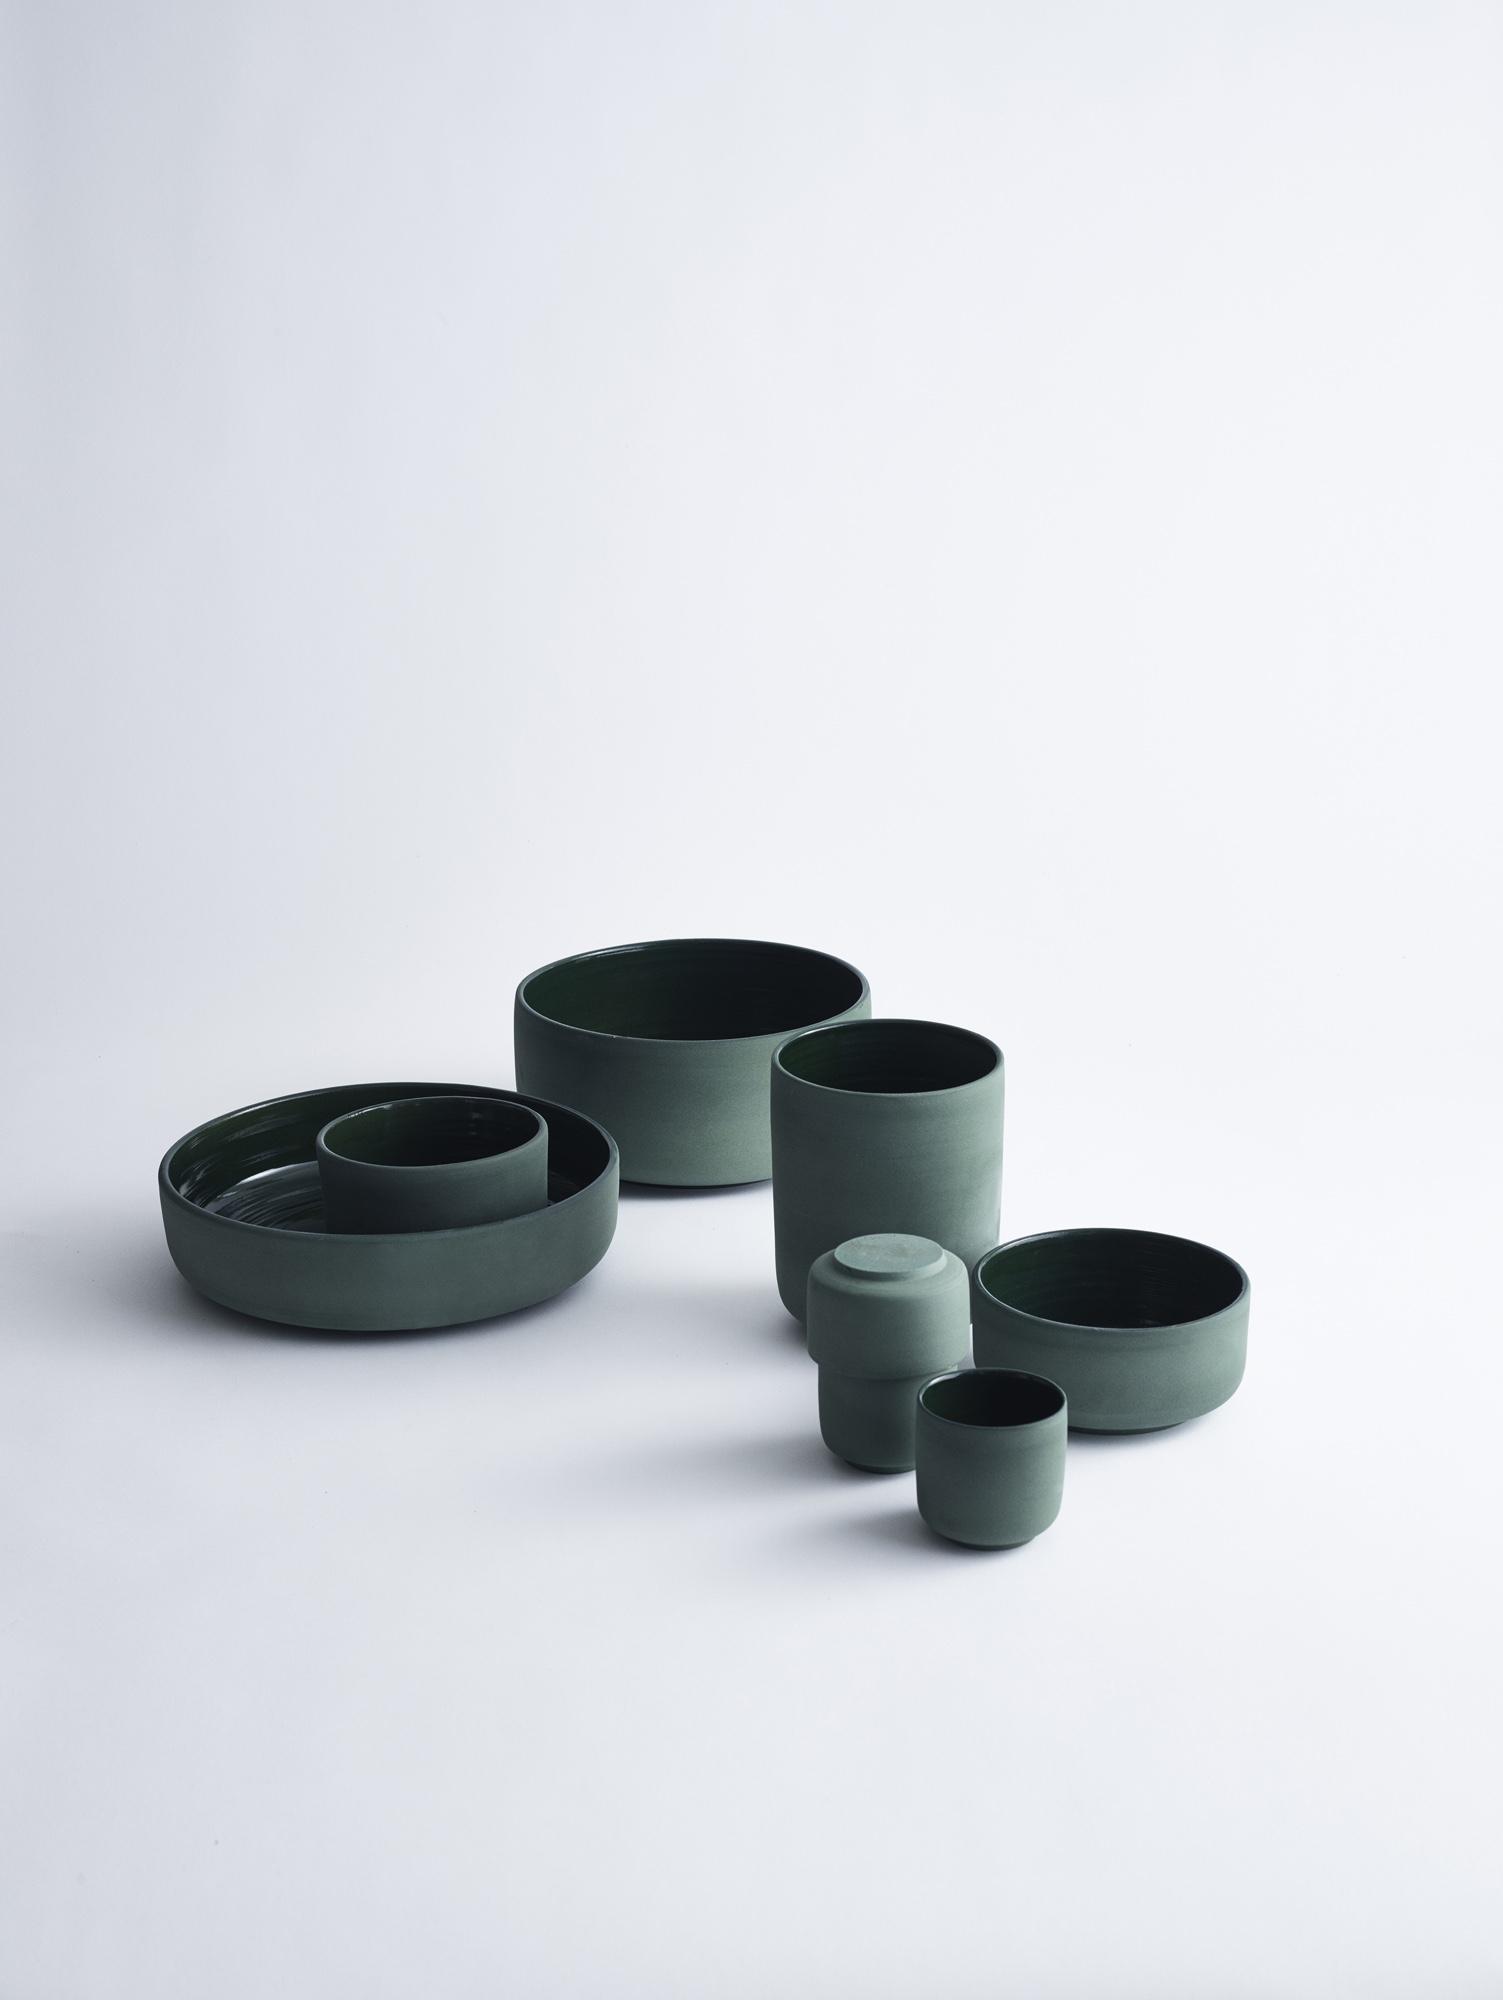 PISU ceramics